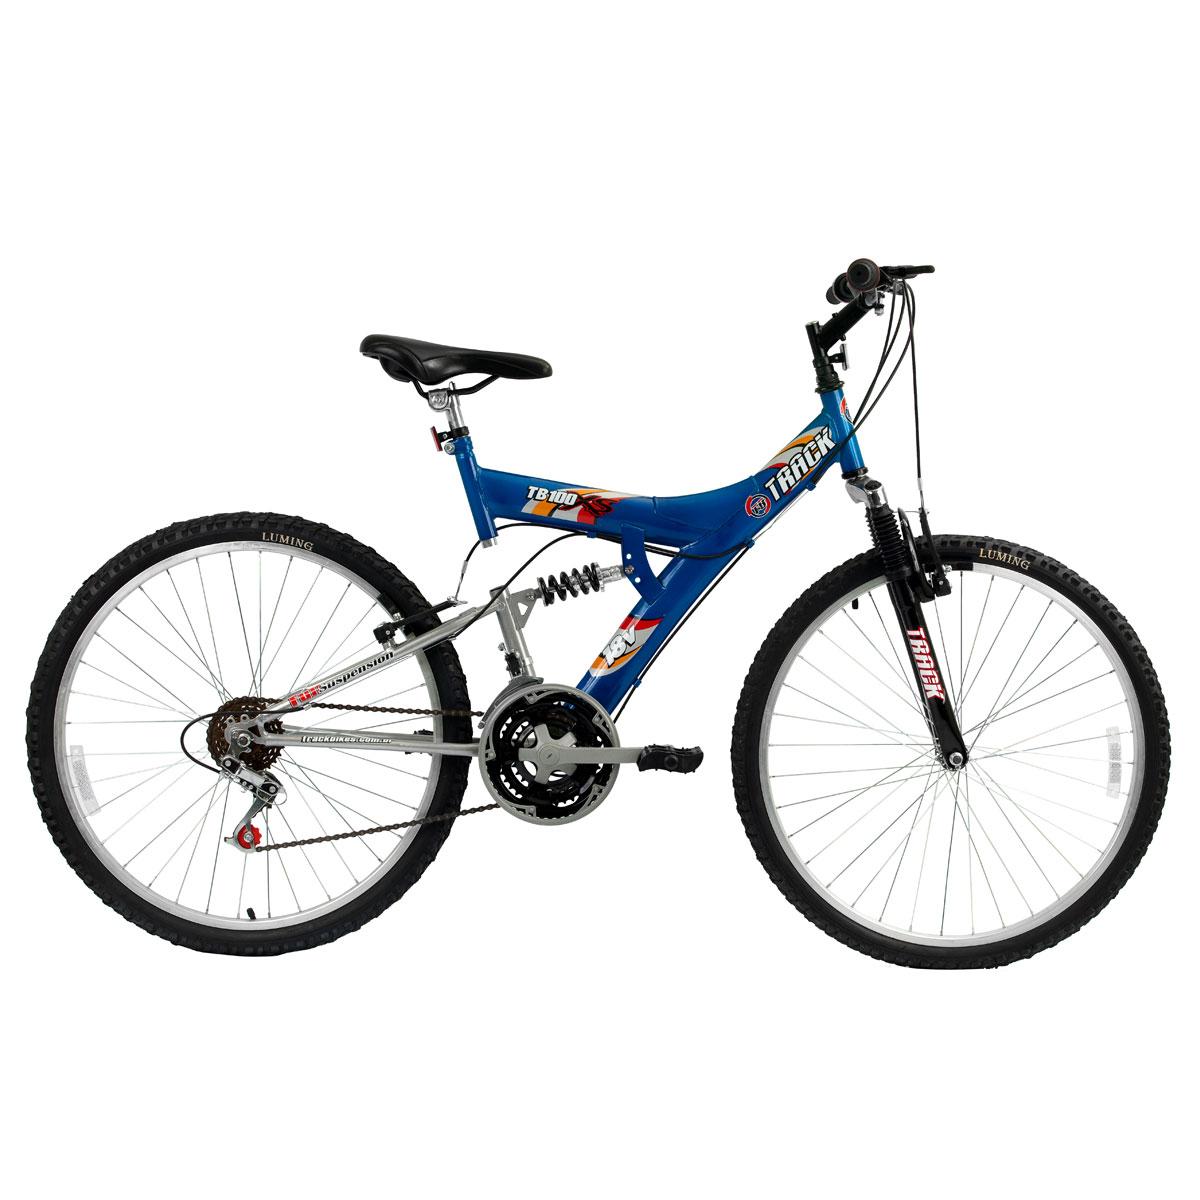 Track Bikes TB 100 Dupla Suspensão 18 V - Aro 26